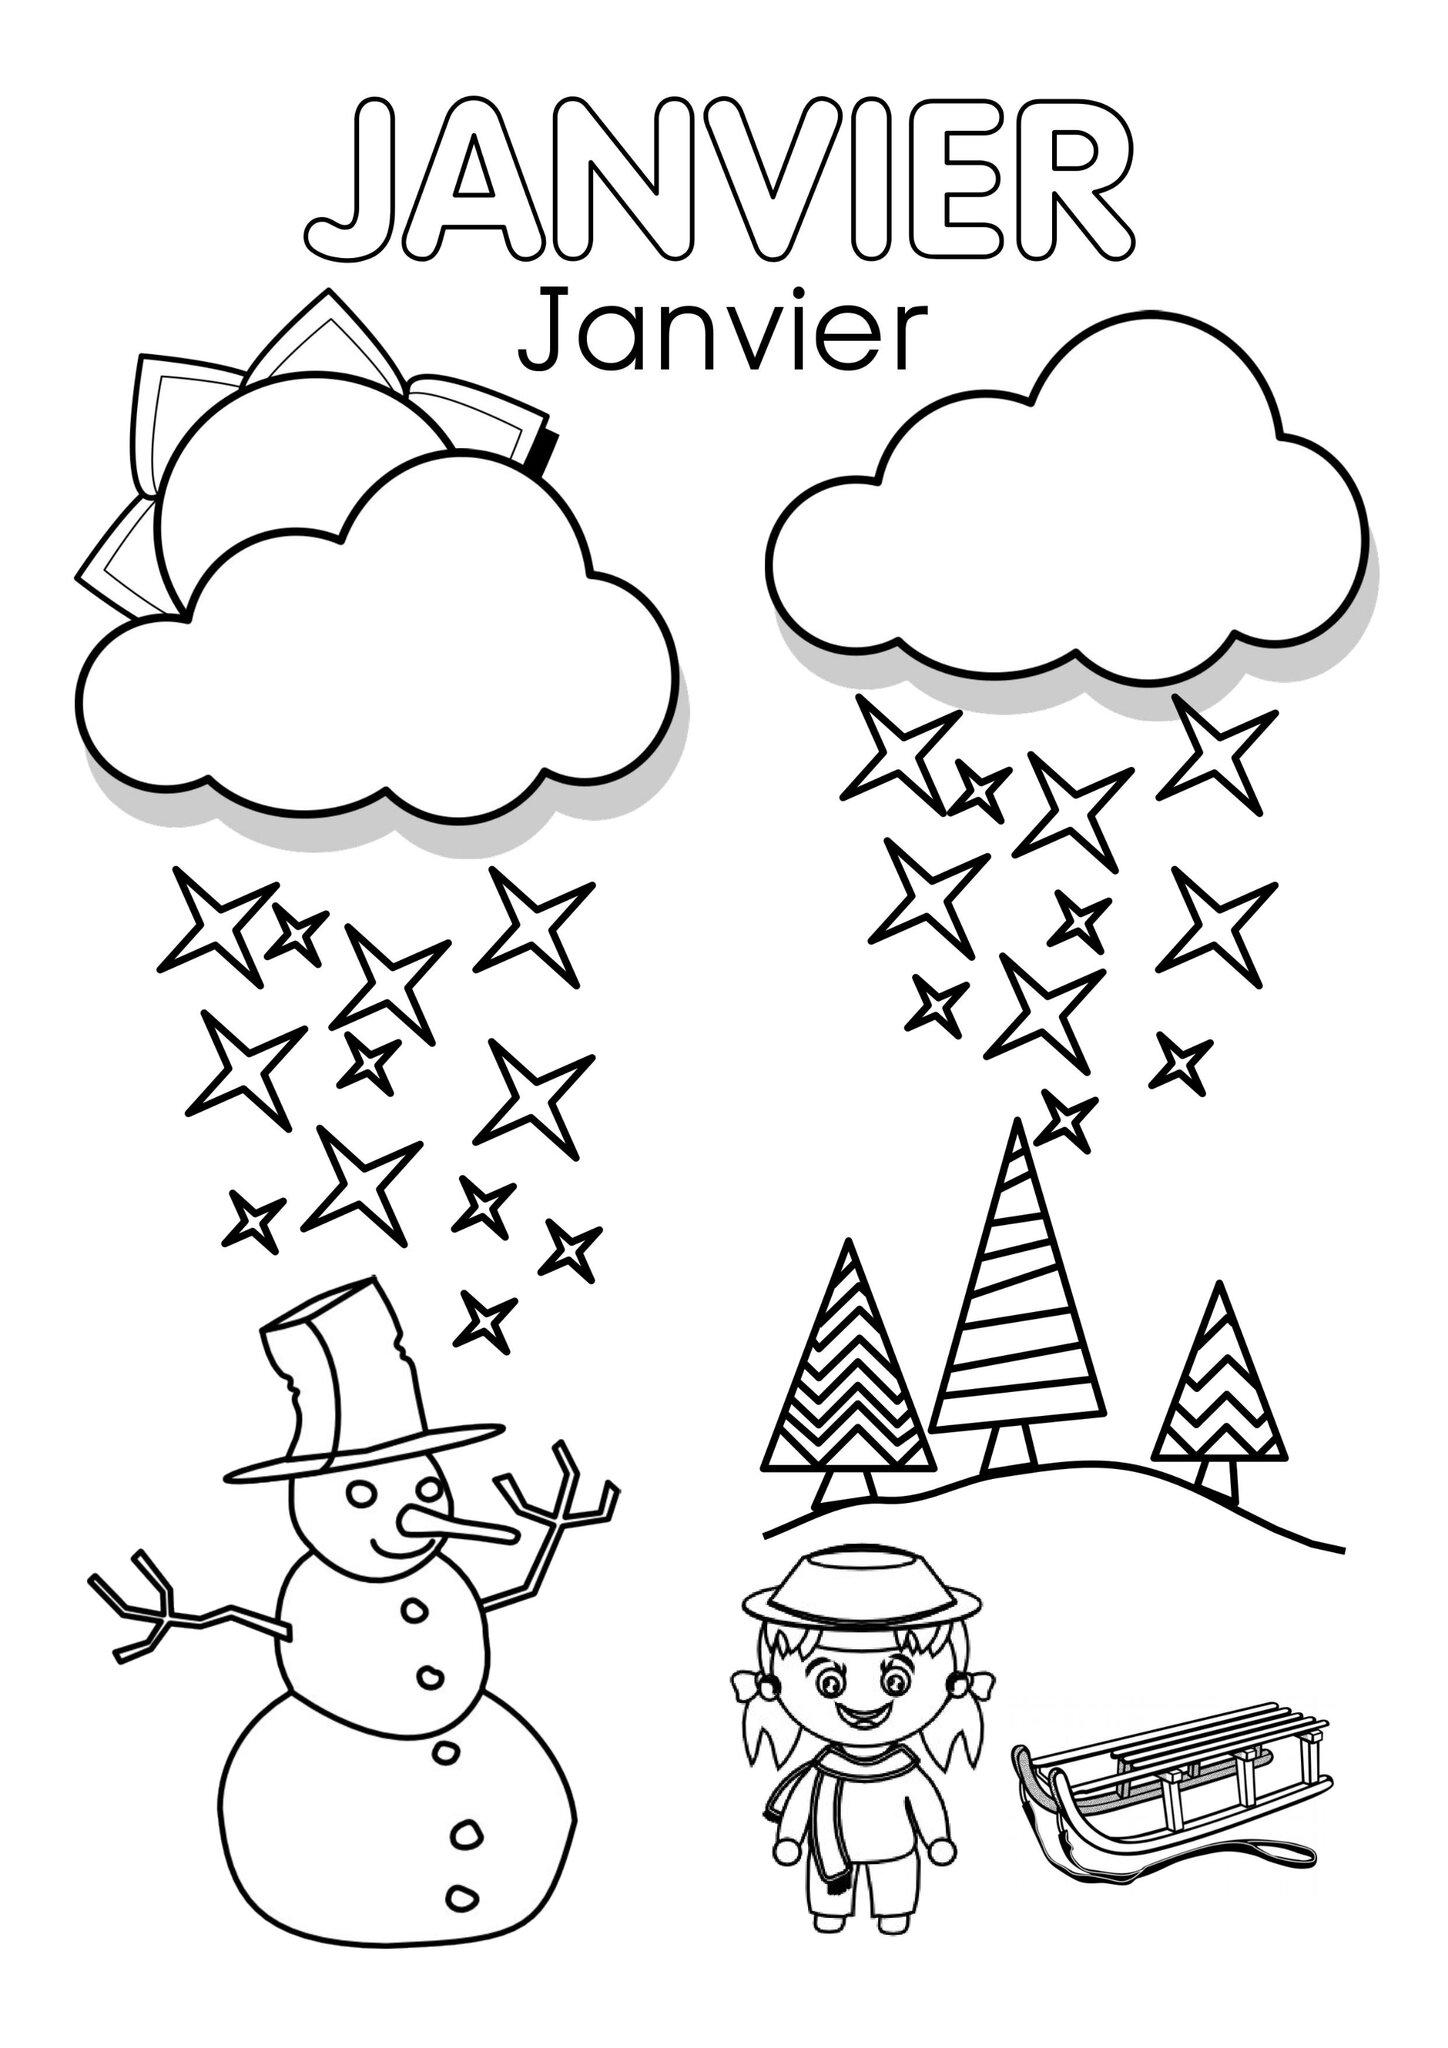 Coloriages Janvier - Assistante Maternelle Argenteuil pour Coloriage Février